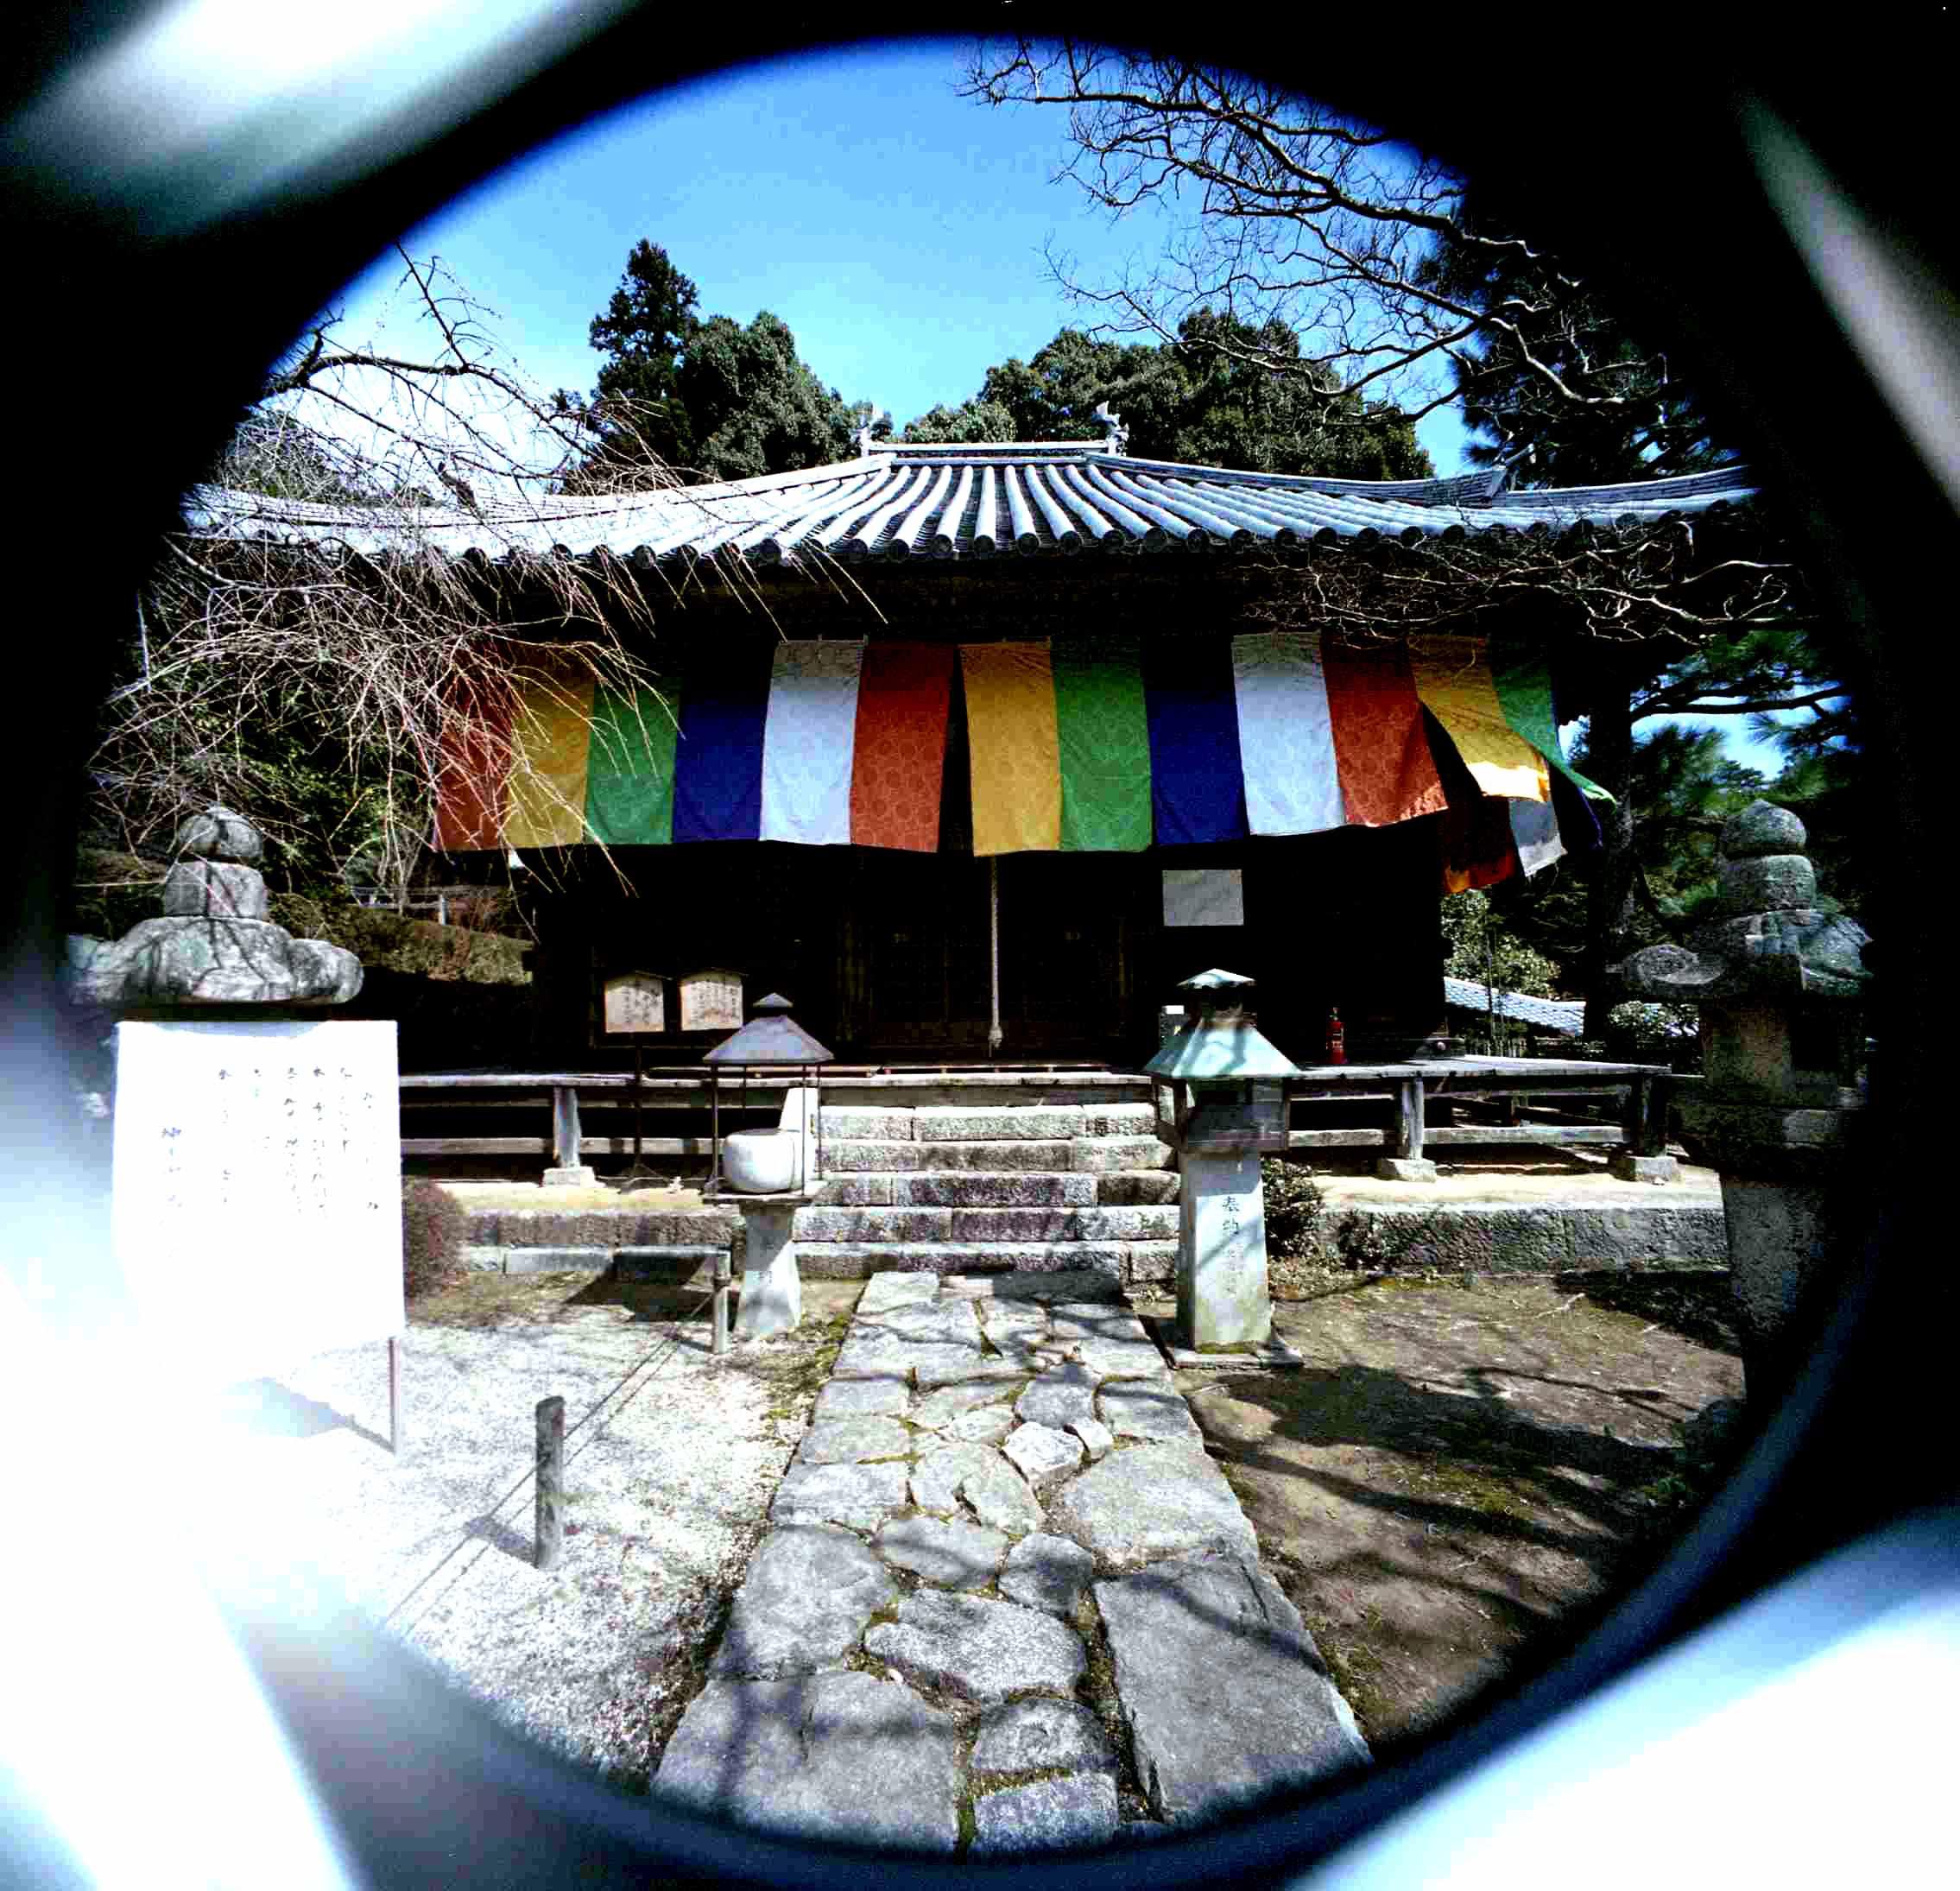 魚眼琢磨銀鏡円形写野暗箱_d0138130_16163887.jpg